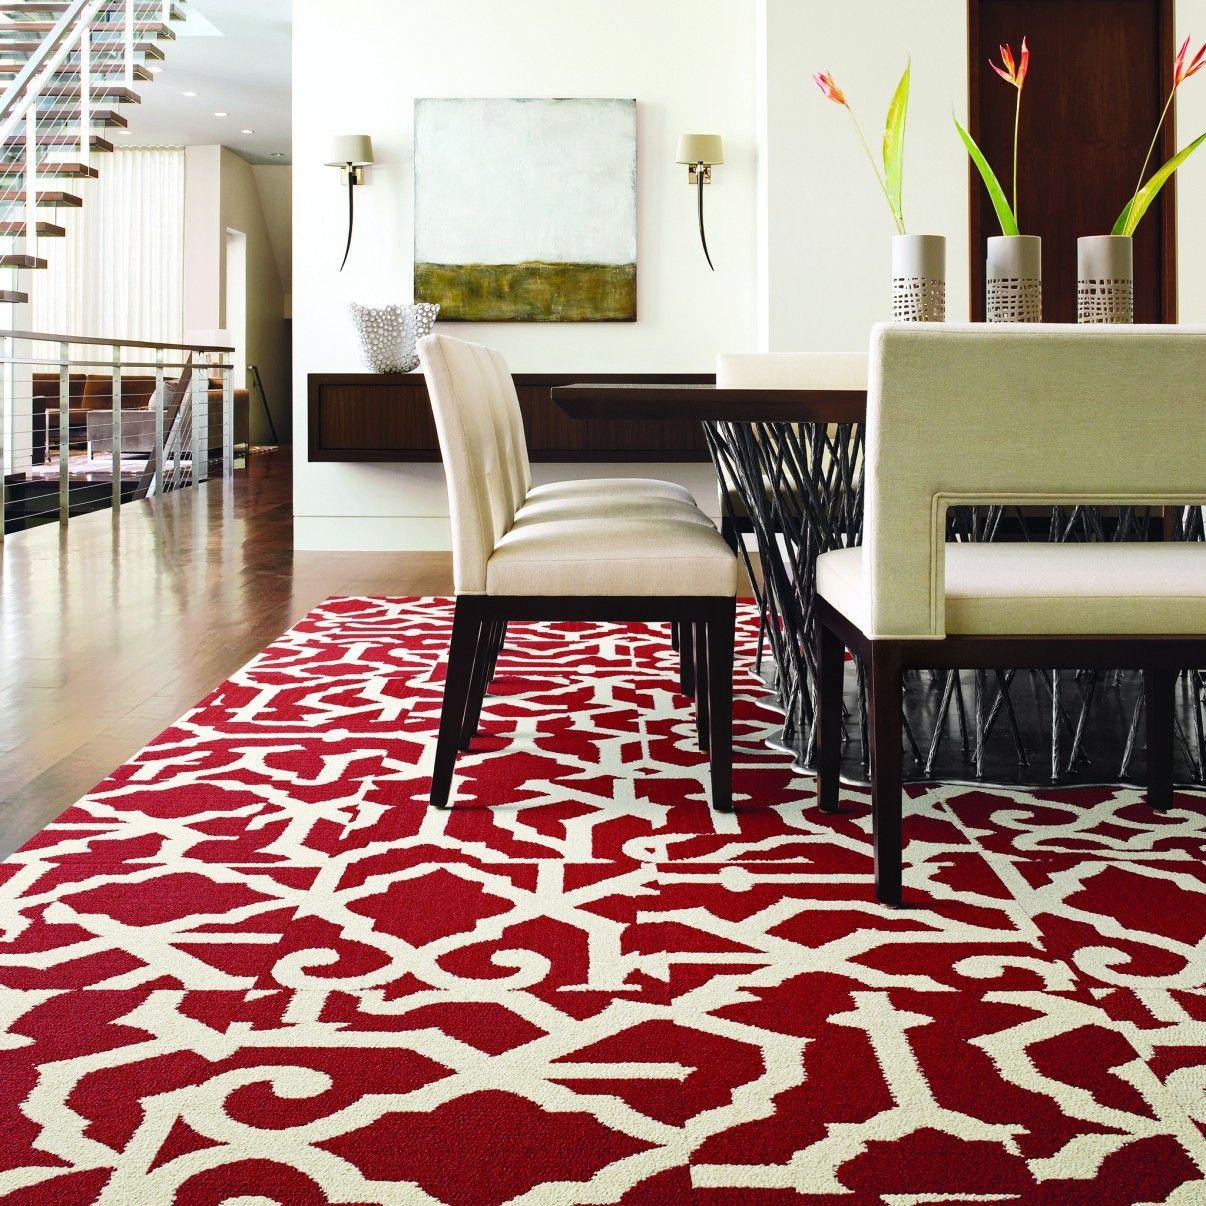 Bold Patterned Carpet  Flor Tiles  Living Room  Pinterest Brilliant Carpet For Living Room Inspiration Design